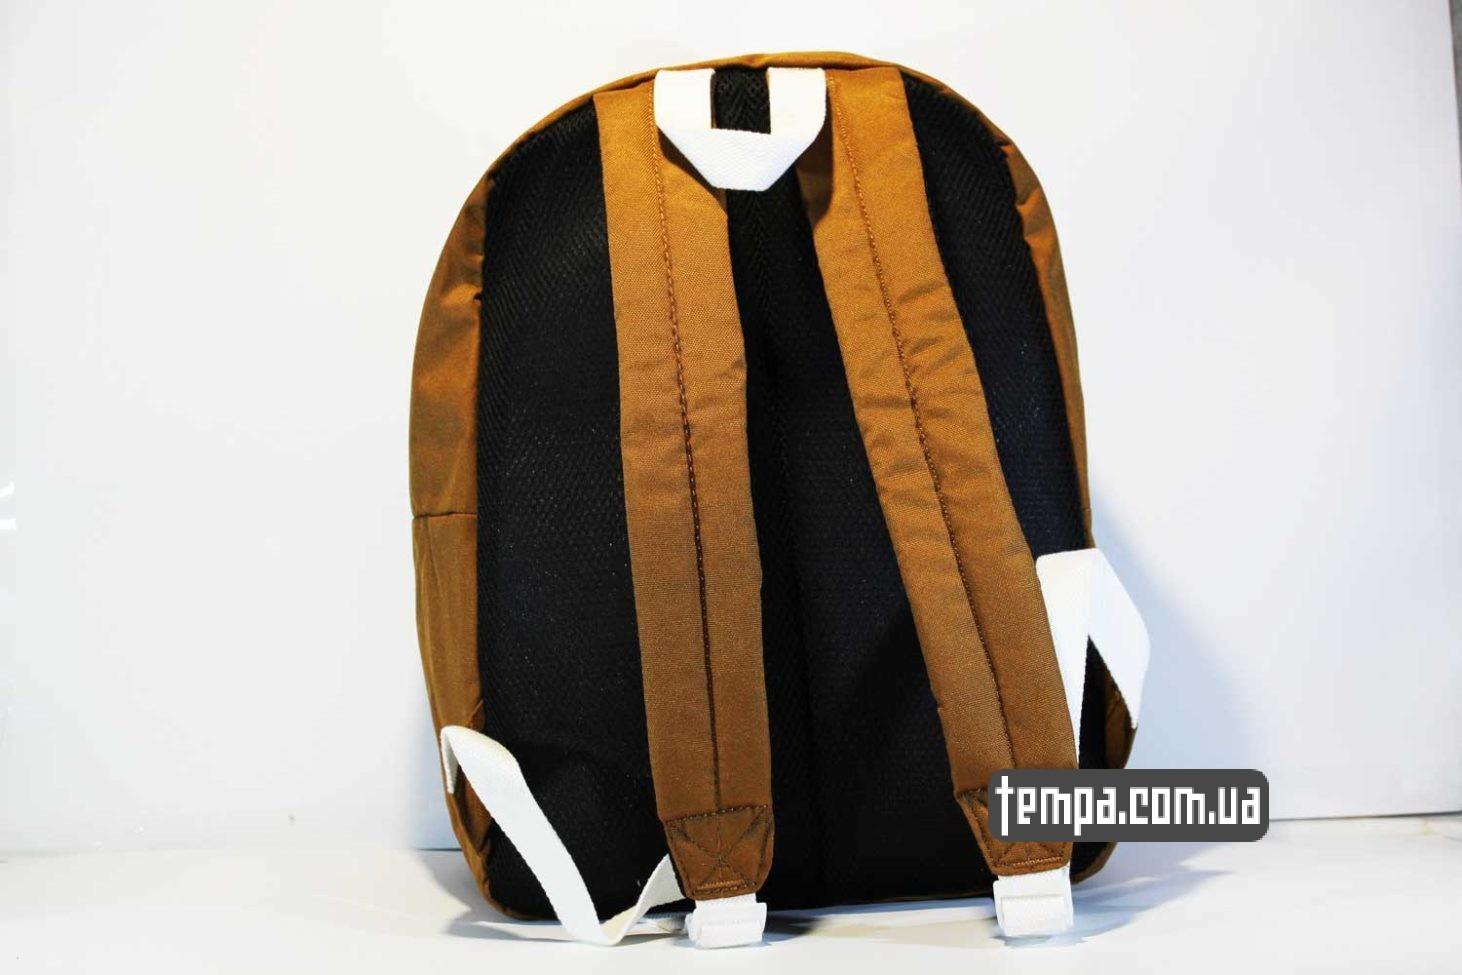 кархартт украина магазин рюкзак Carhartt коричневый купить оригинал bagpack кархартт